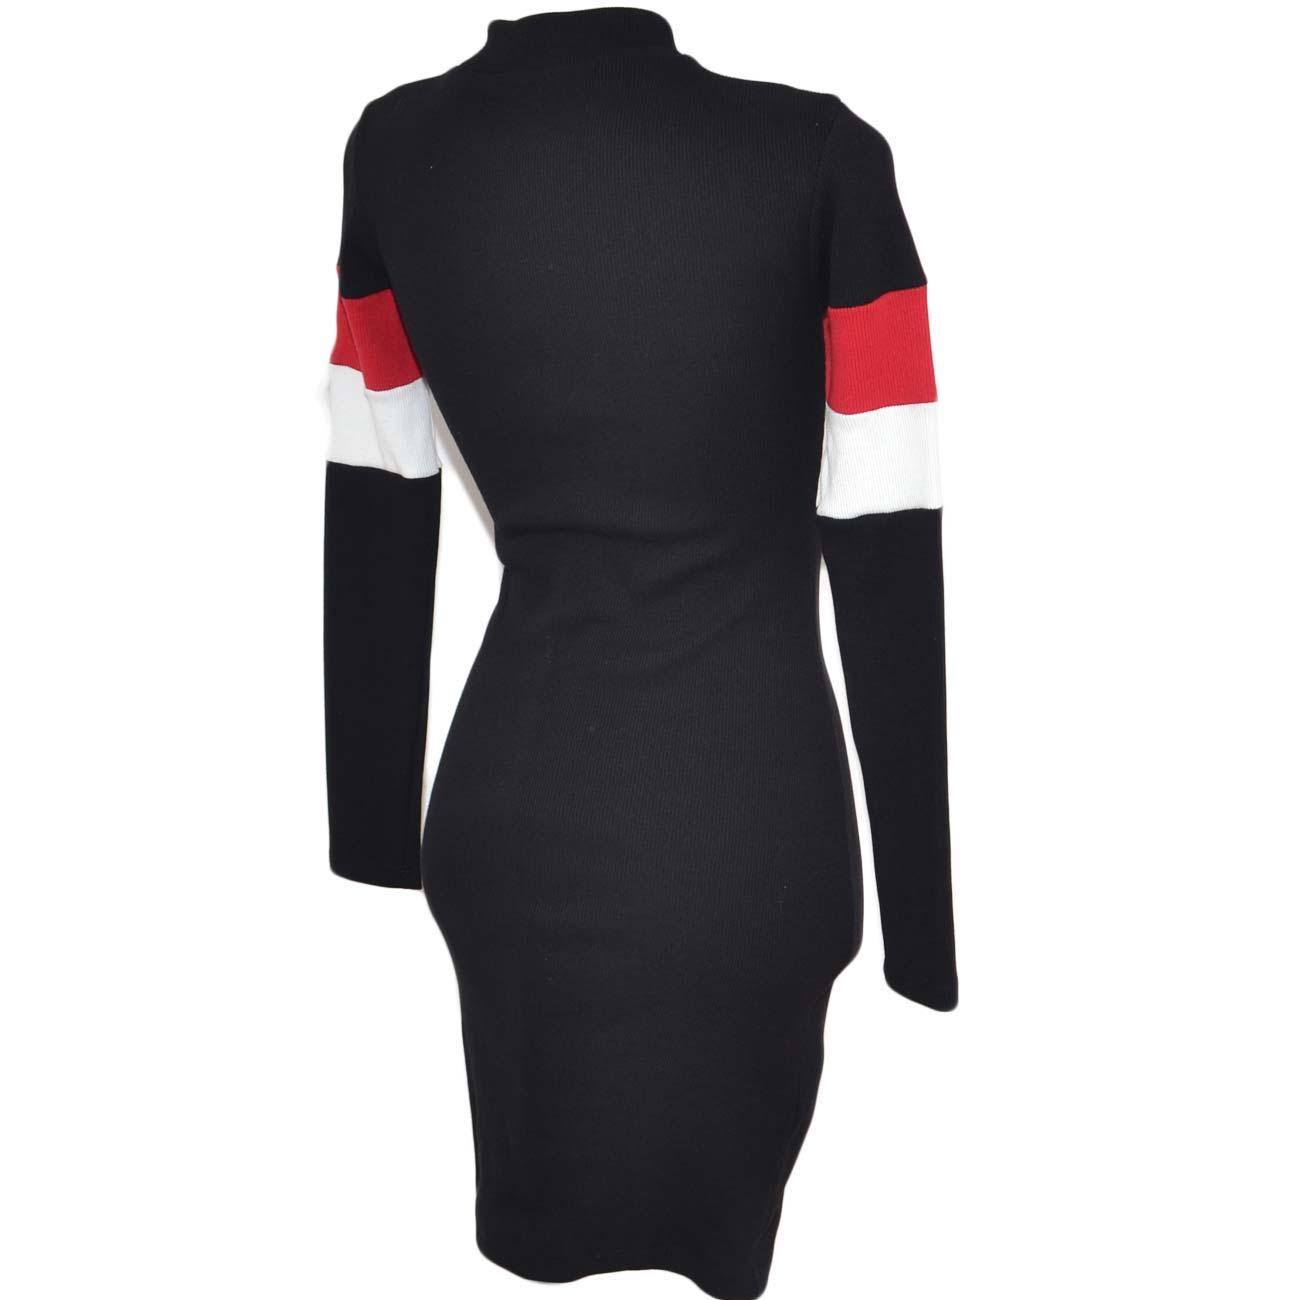 ac03731f0eda Vestito nero midi da donna tubolare in elastene a coste collo alto maniche  lunghe strisce bicolore. Passa il mouse sopra per eseguire zoom